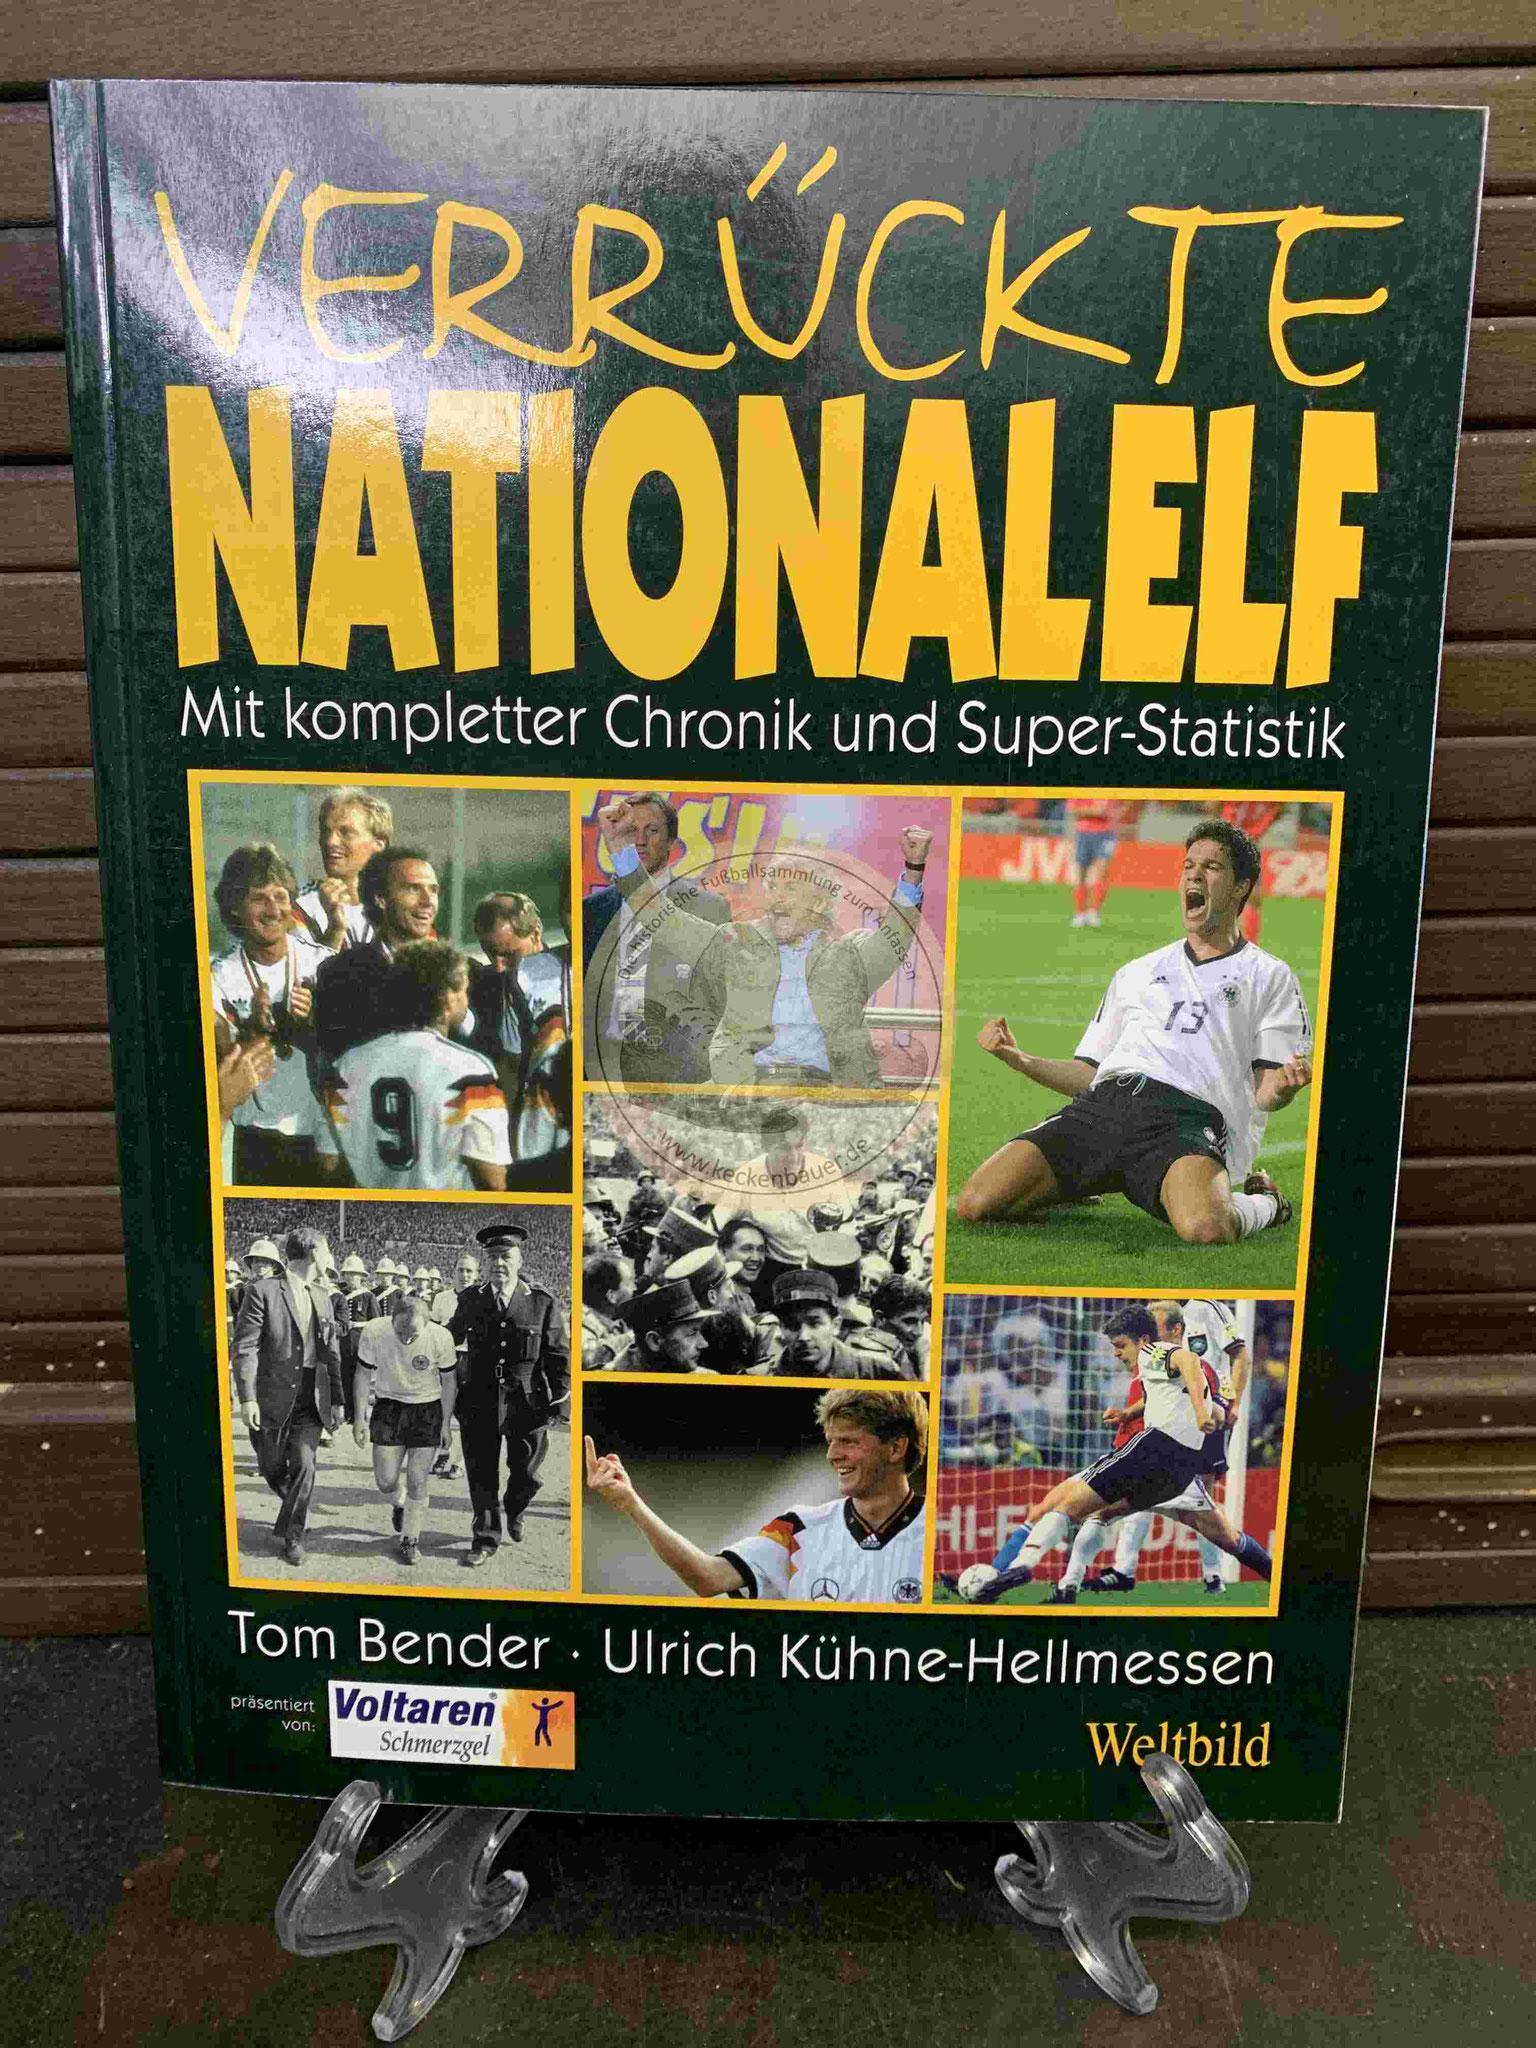 Verrückte Nationalelf mit kompletter Chronik und Super-Statistik von Tom Bender und Ulrich Kühne-Hellmessen im Weltbild Verlag aus dem Jahr 2003